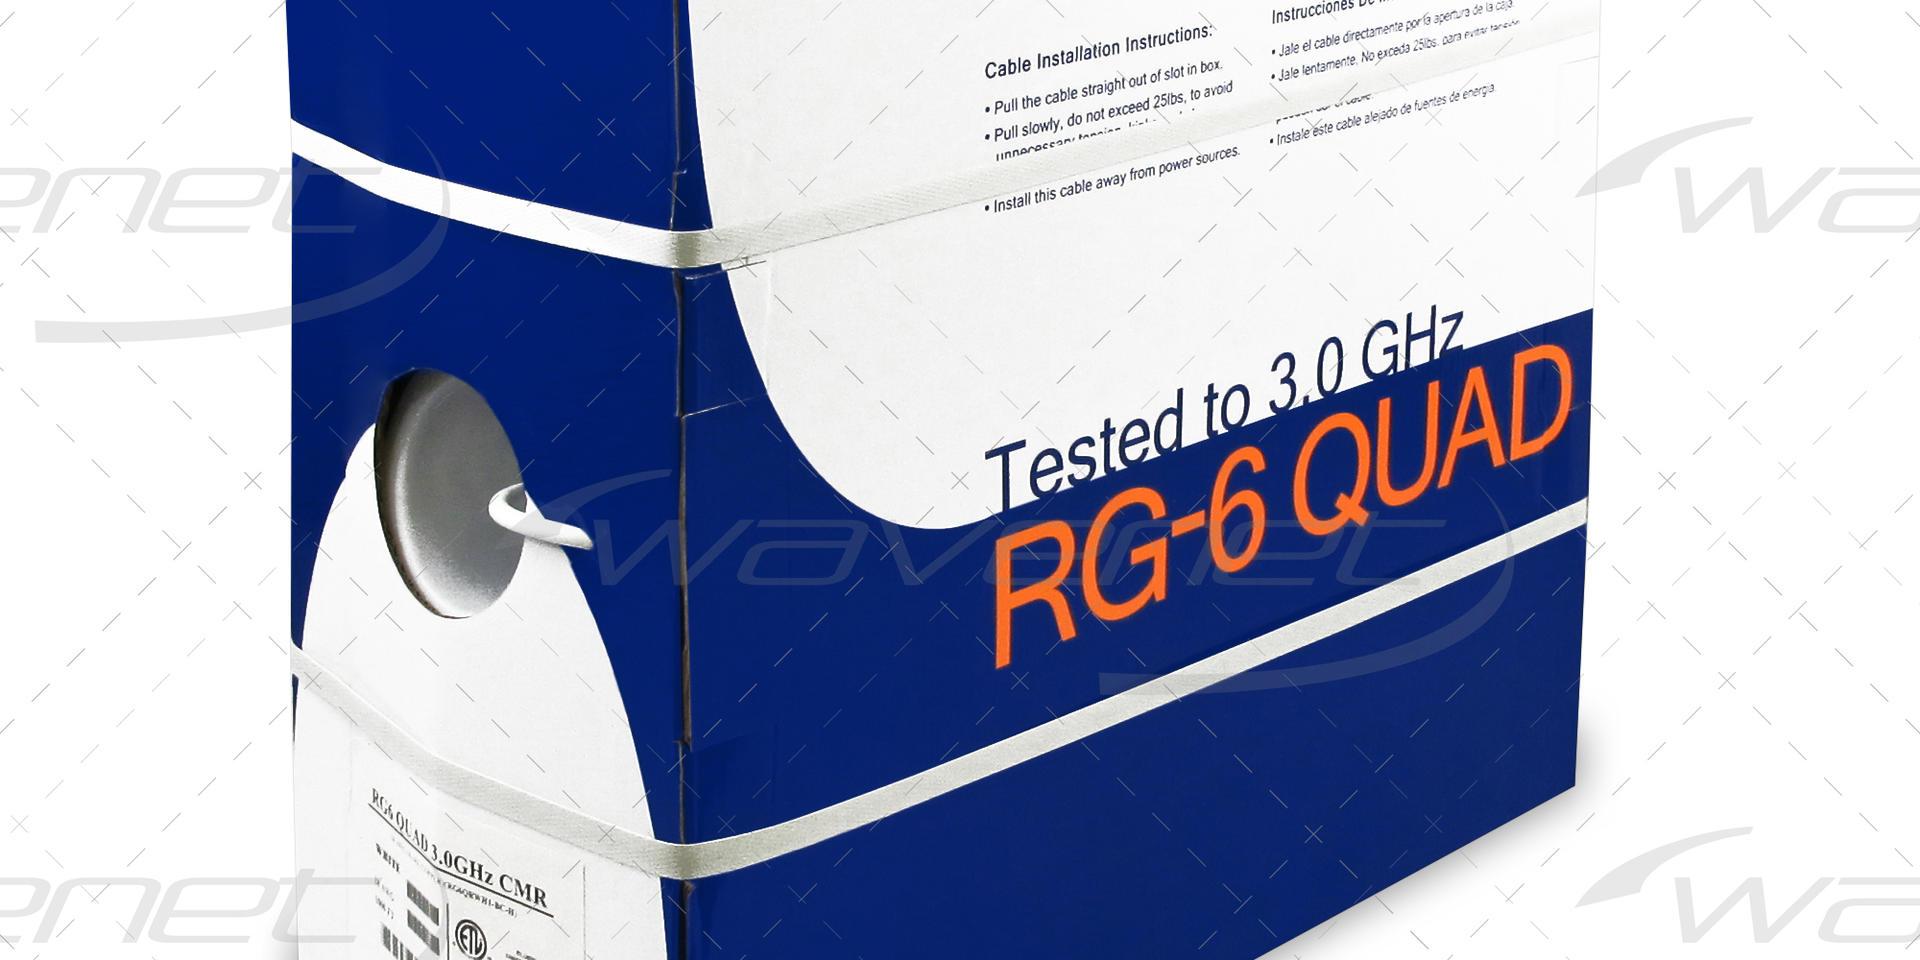 RG6QRXX4-BC_WM.jpg